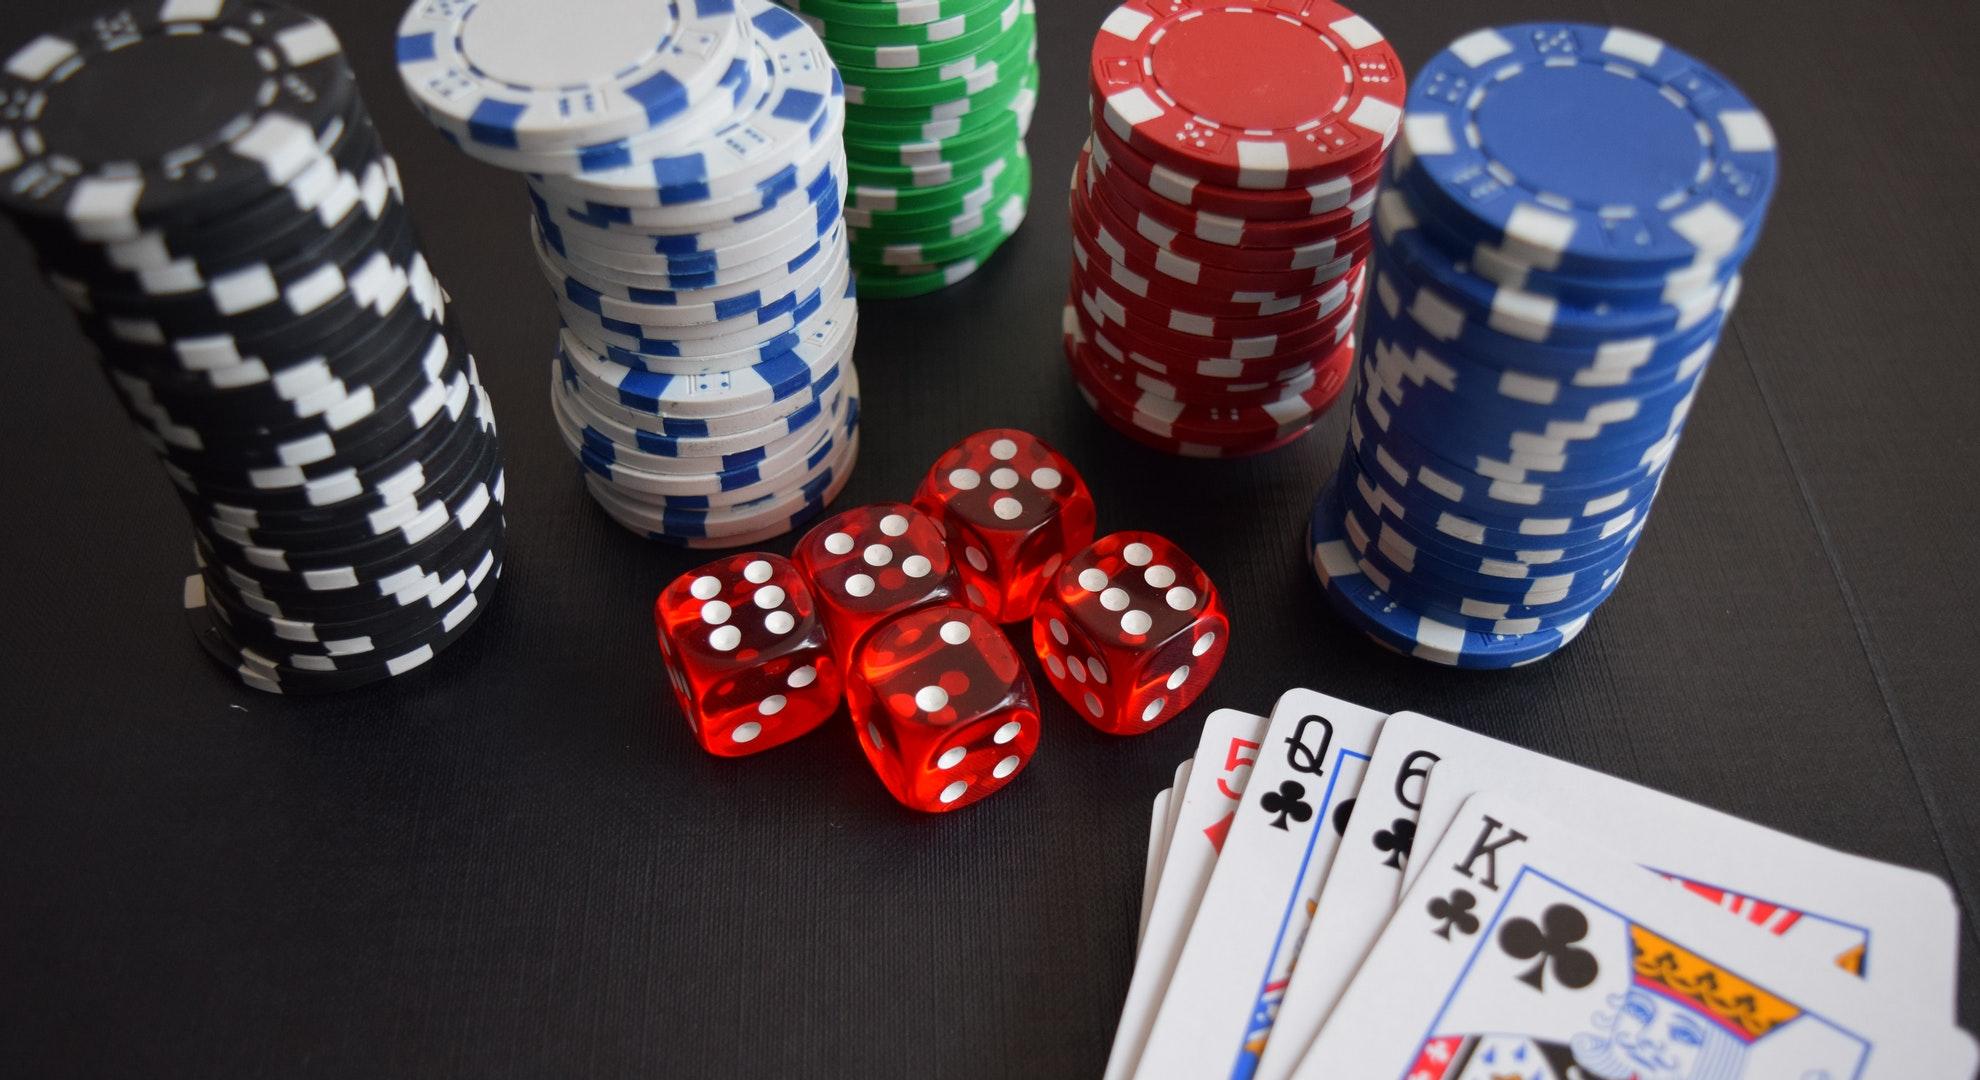 【マカオ】カジノ規制法案でマカオのカジノ株暴落中。